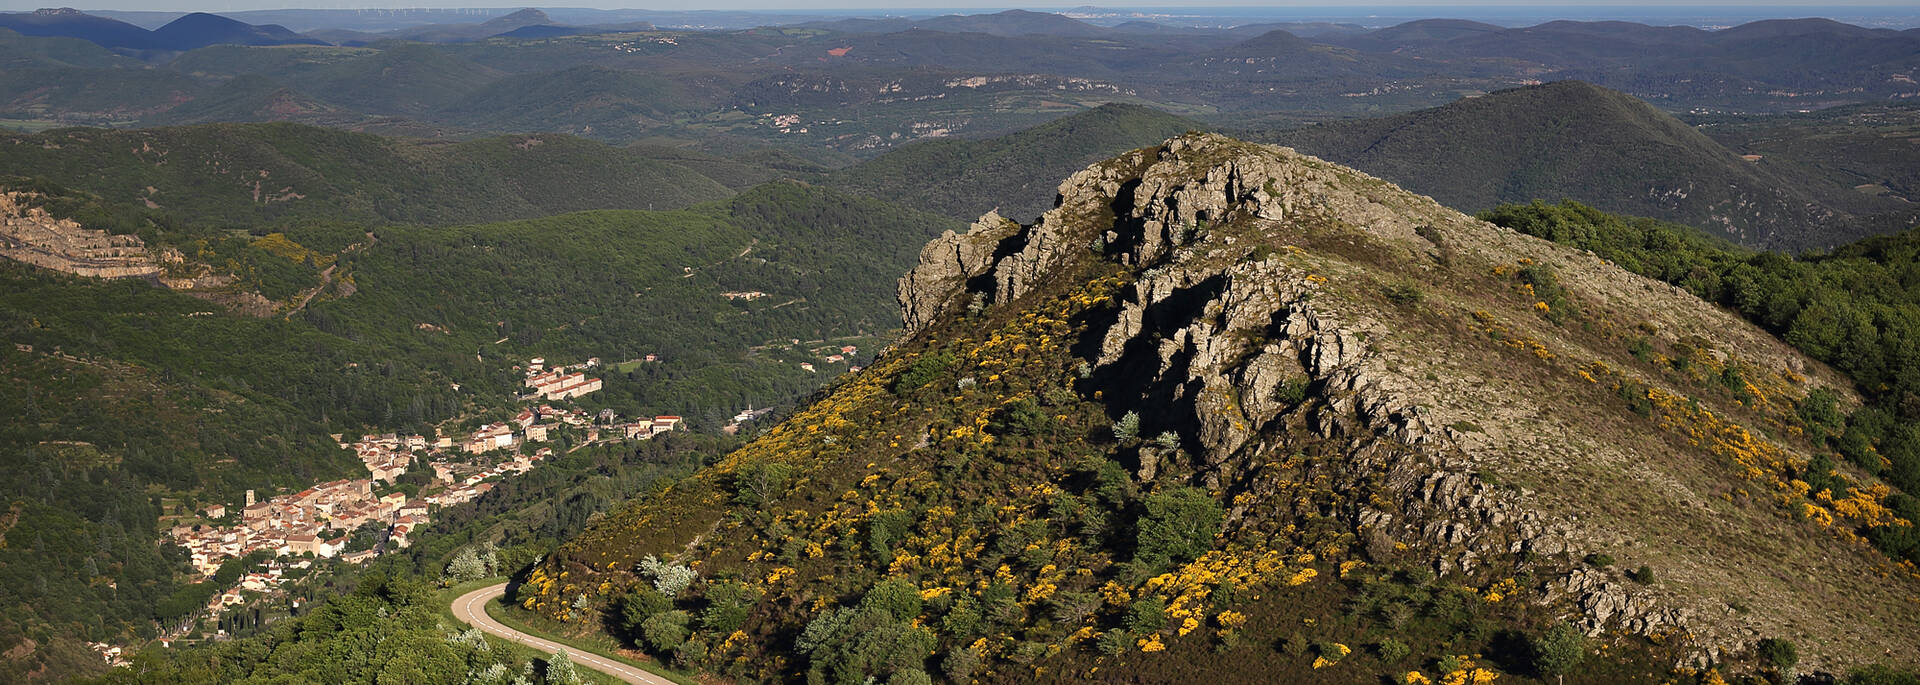 Mining basin in the Pays d'Art et d'Histoire Haut Languedoc et Vignobles